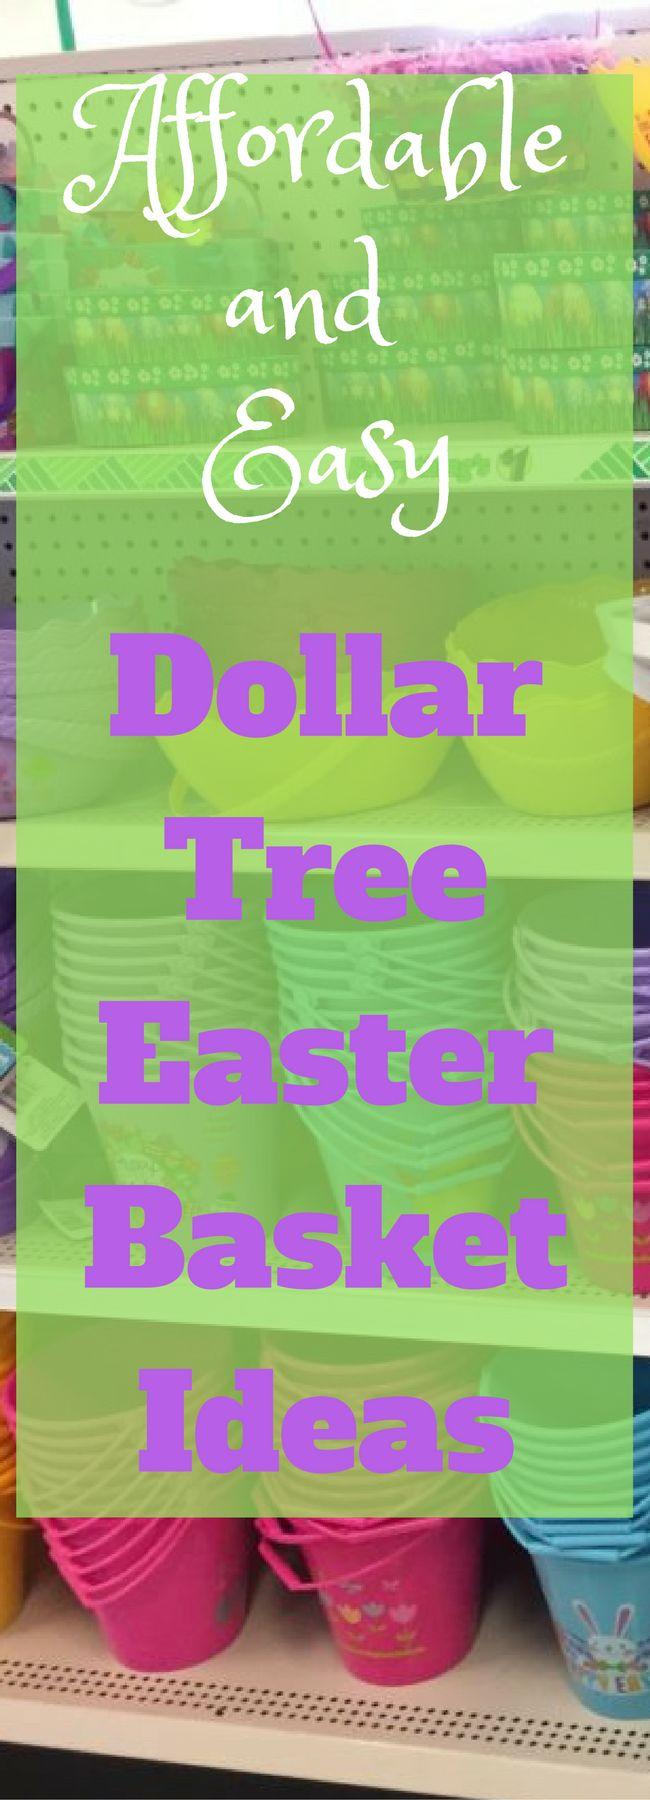 67 best Hoppy Easter images on Pinterest | Easter bunny, Easter ...